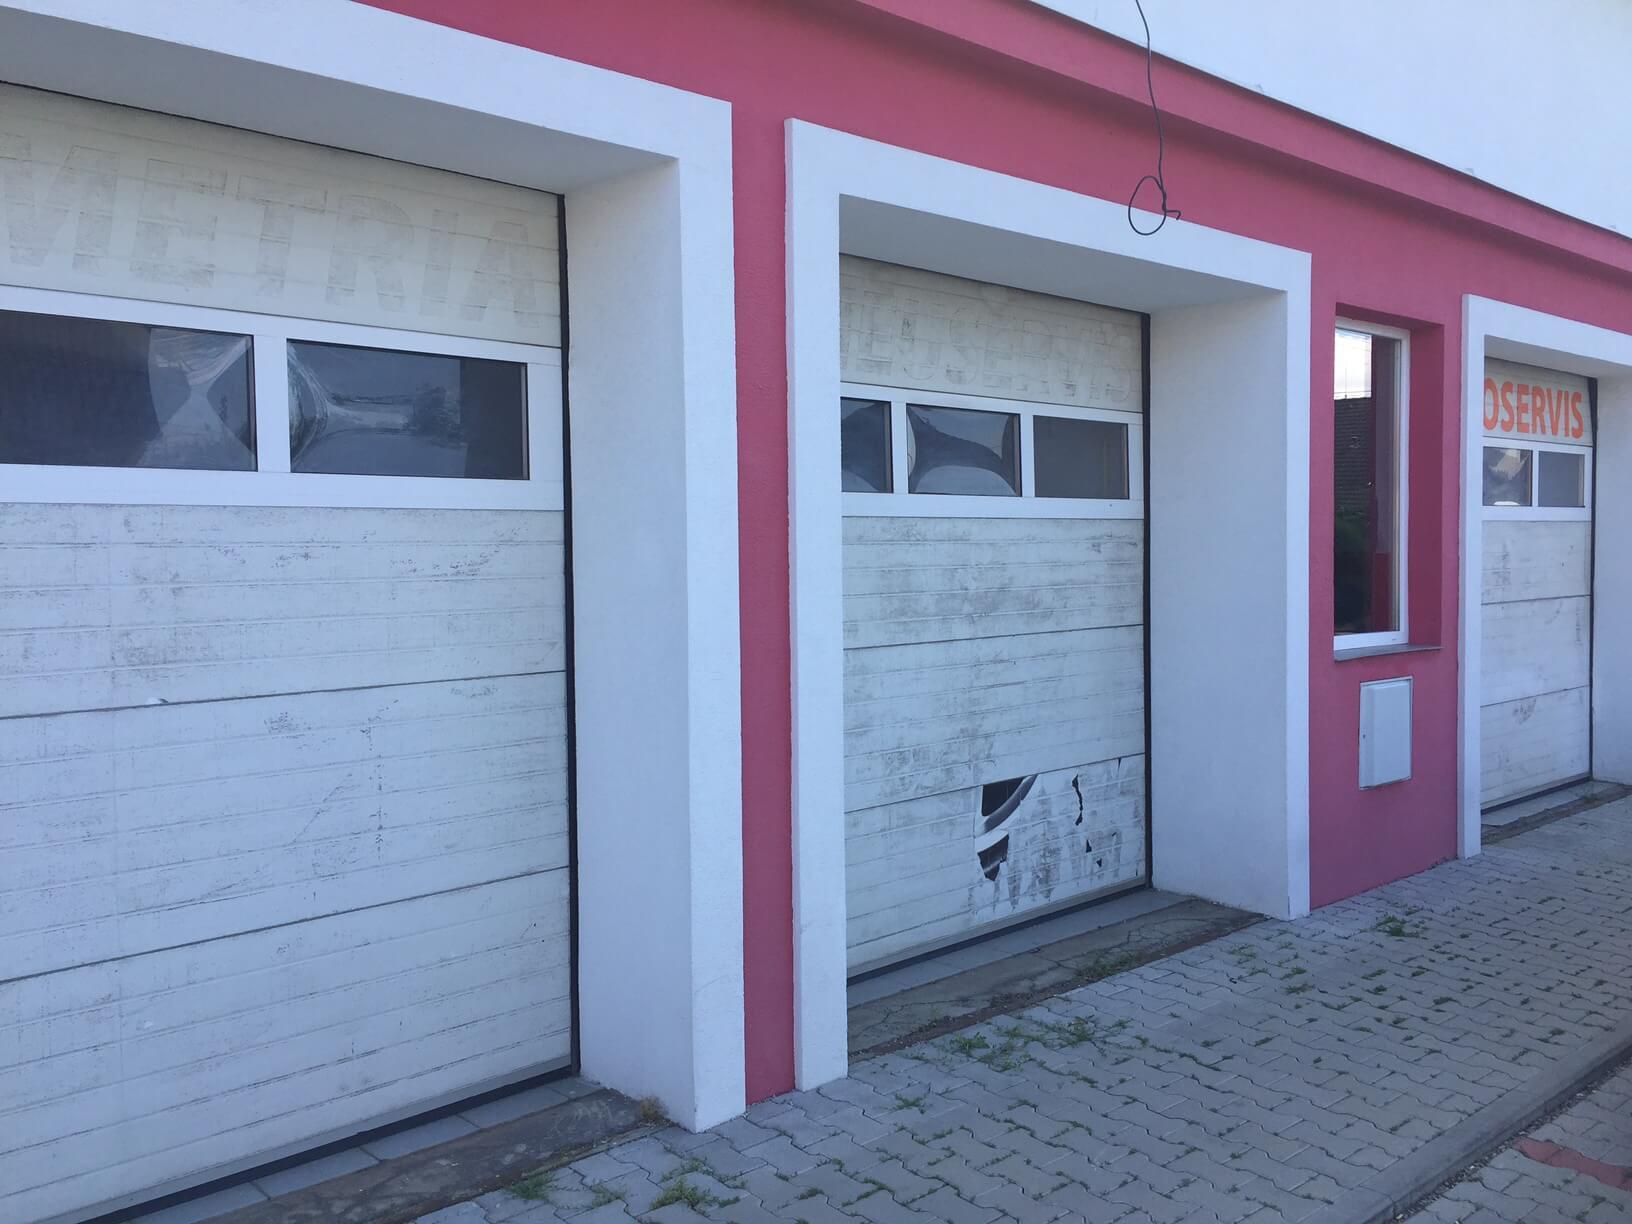 Predané: Predaj obchodného priestoru, najlepšie pre Autoservis, Pezinok, Ulica Mýtna/Šenkvická cesta. 240 m2-6